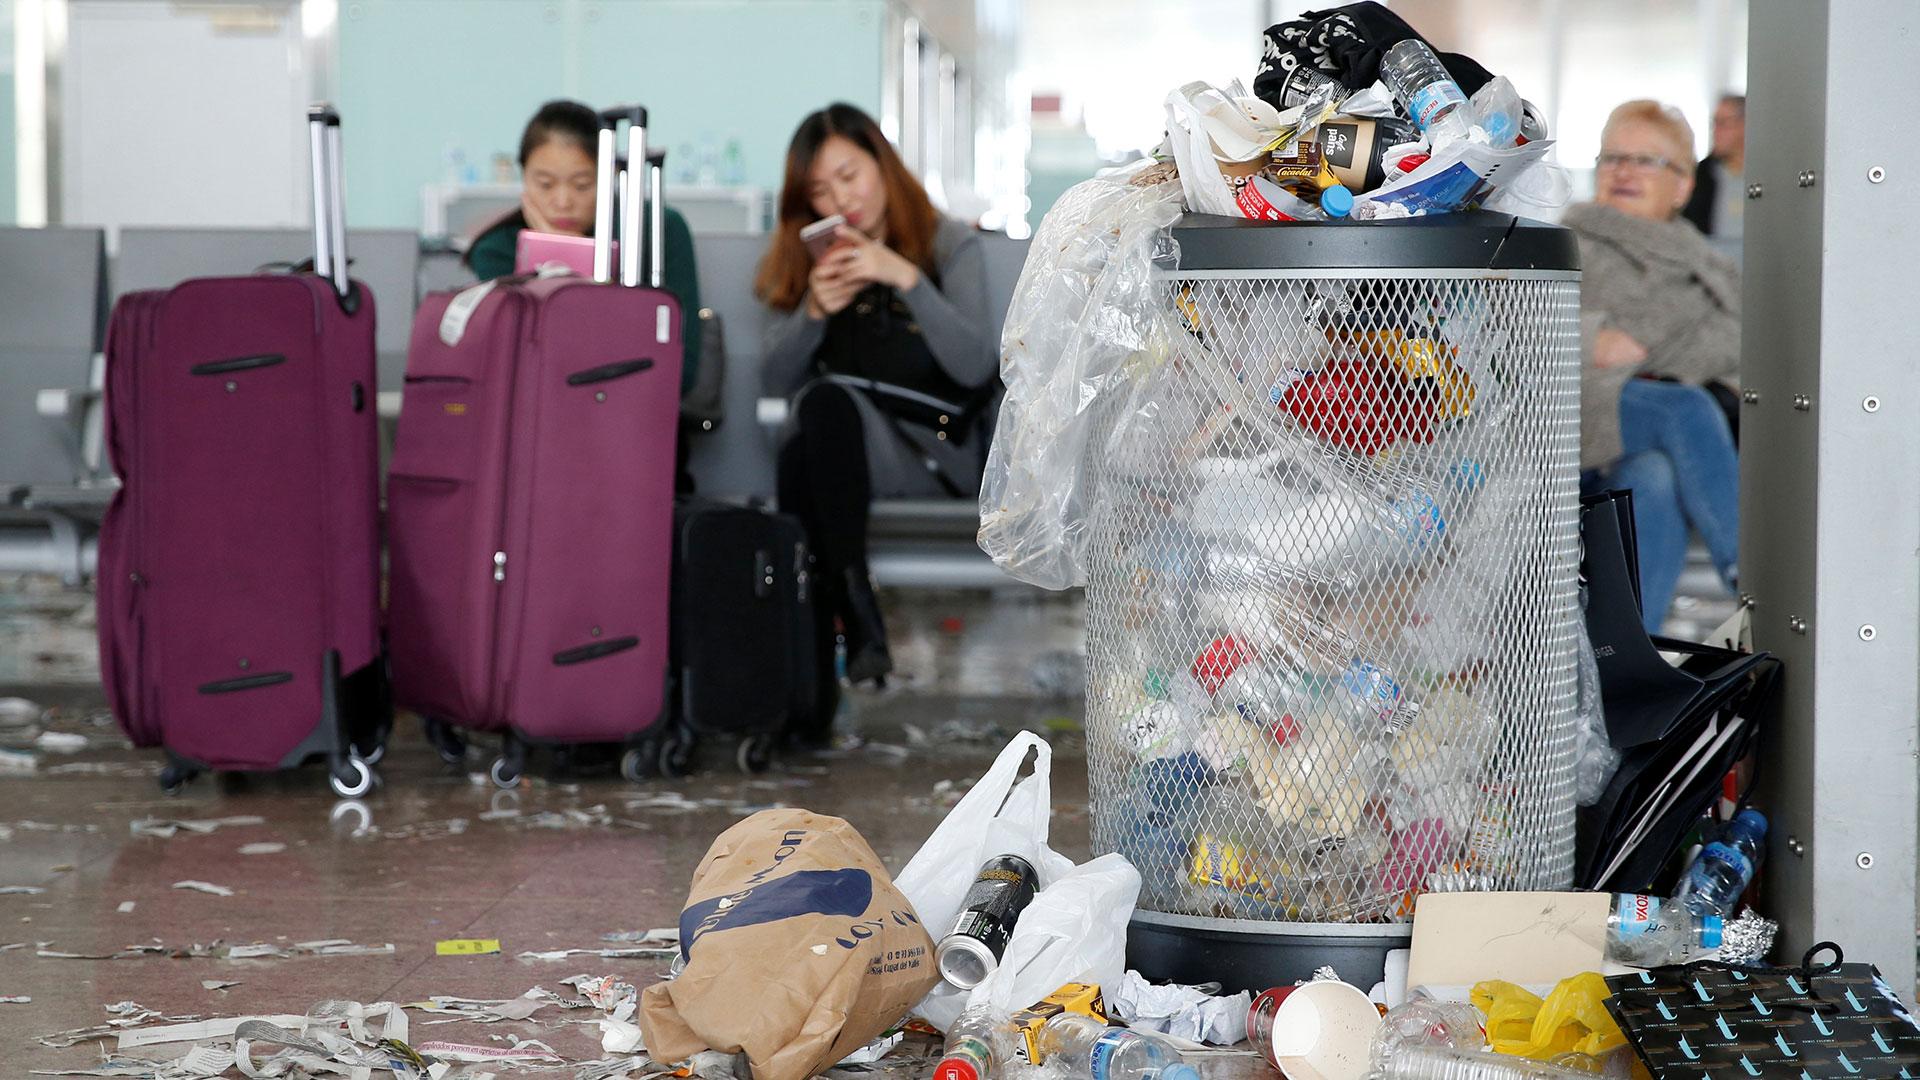 La huelga de los trabajadores de limpieza en el aeropuerto de Barcelona – El Prat llegó este jueves a su cuarto día